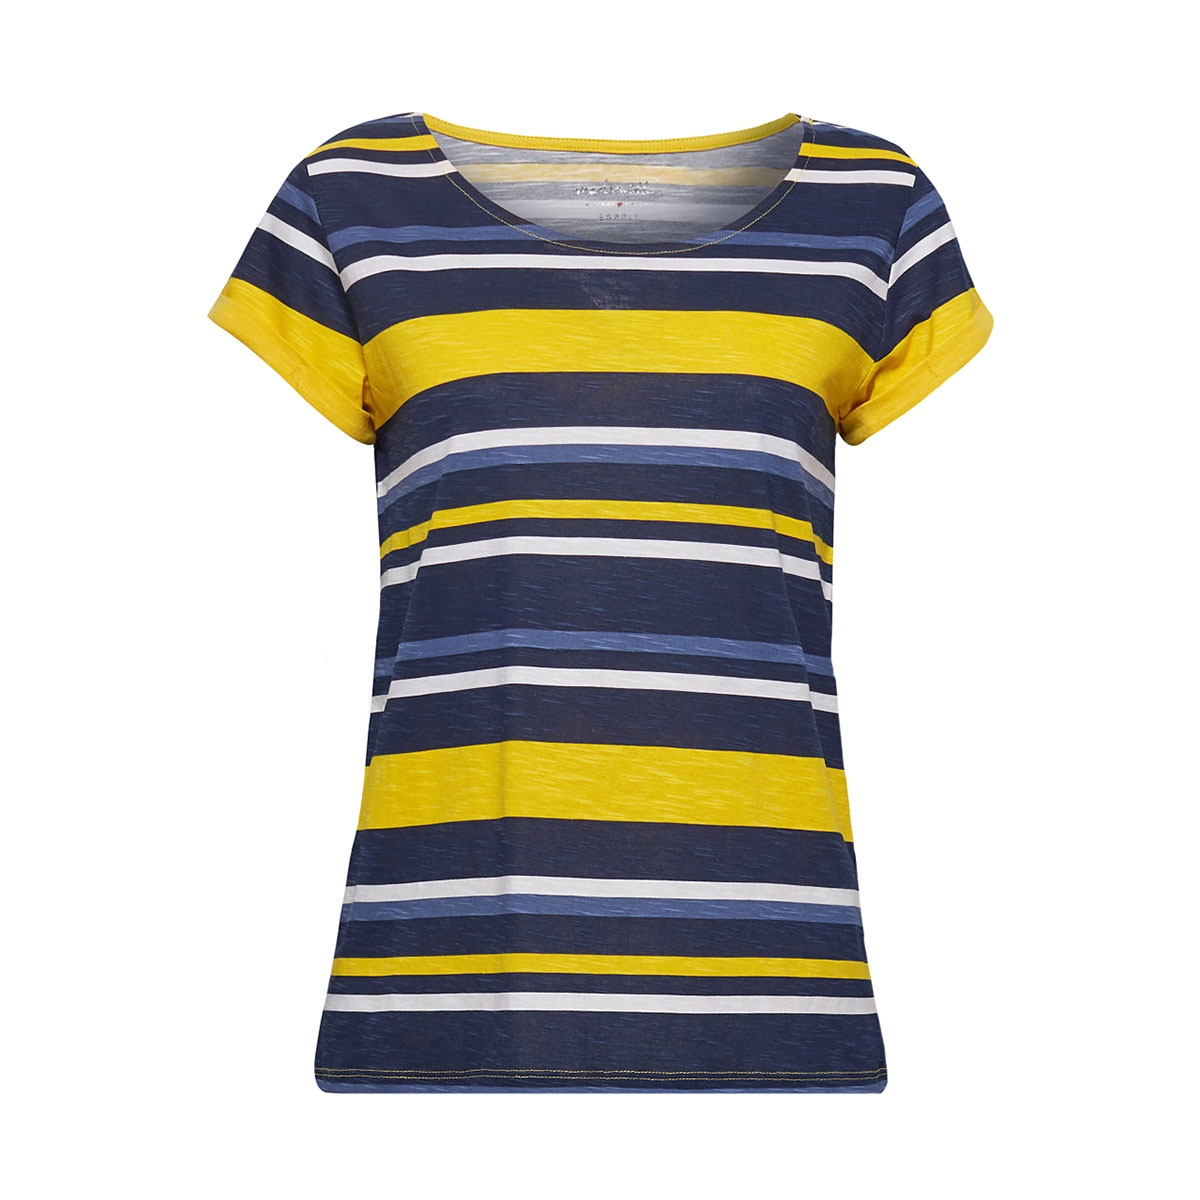 029ee1k035 esprit t-shirt e750